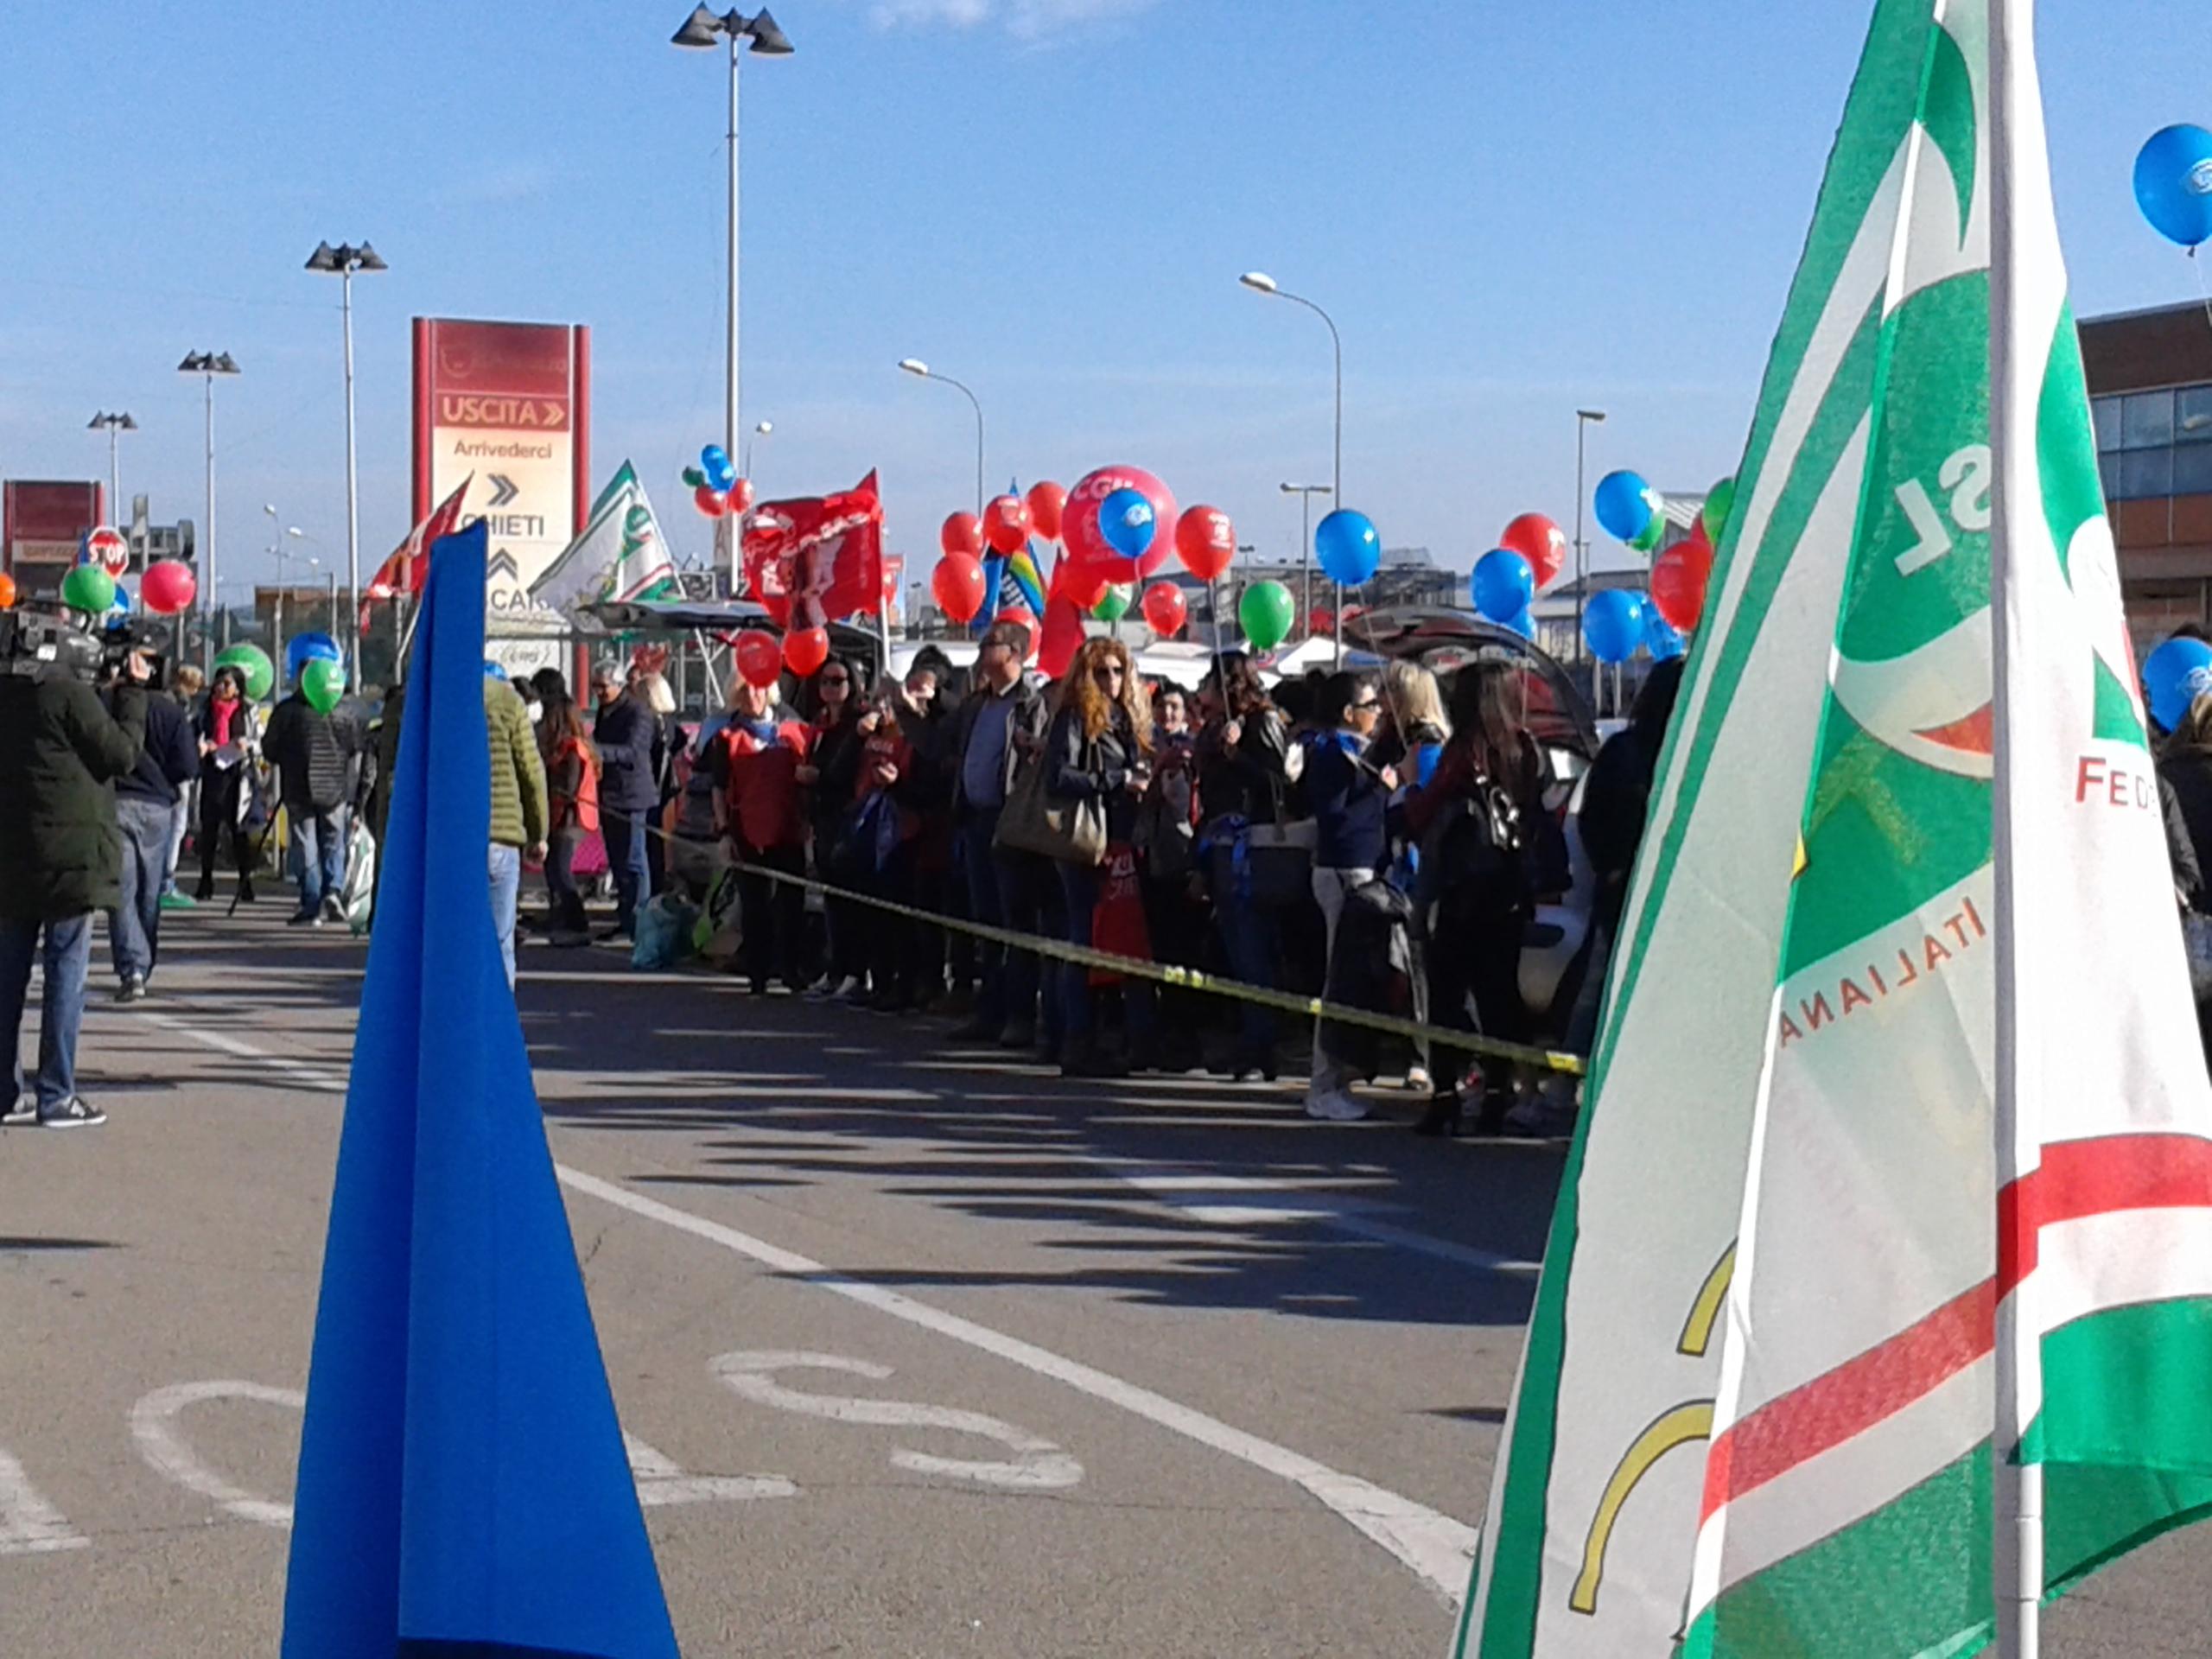 Anche in Abruzzo sciopero nei centri commerciali